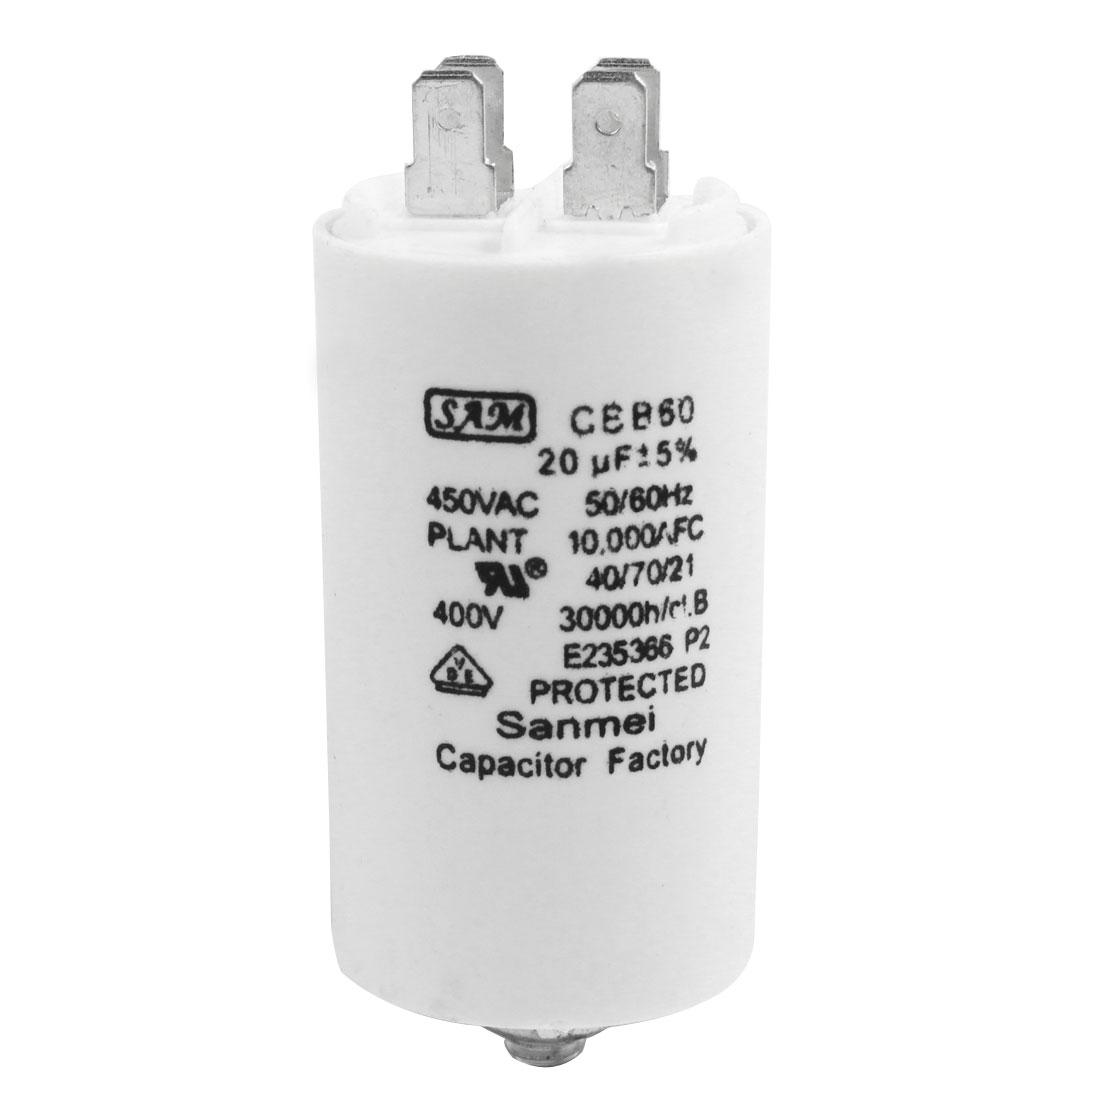 AC 450V CBB60 20UF 5% Cylinder Shape Polypropylene Film Washer Electrolytic Motor Capacitor White